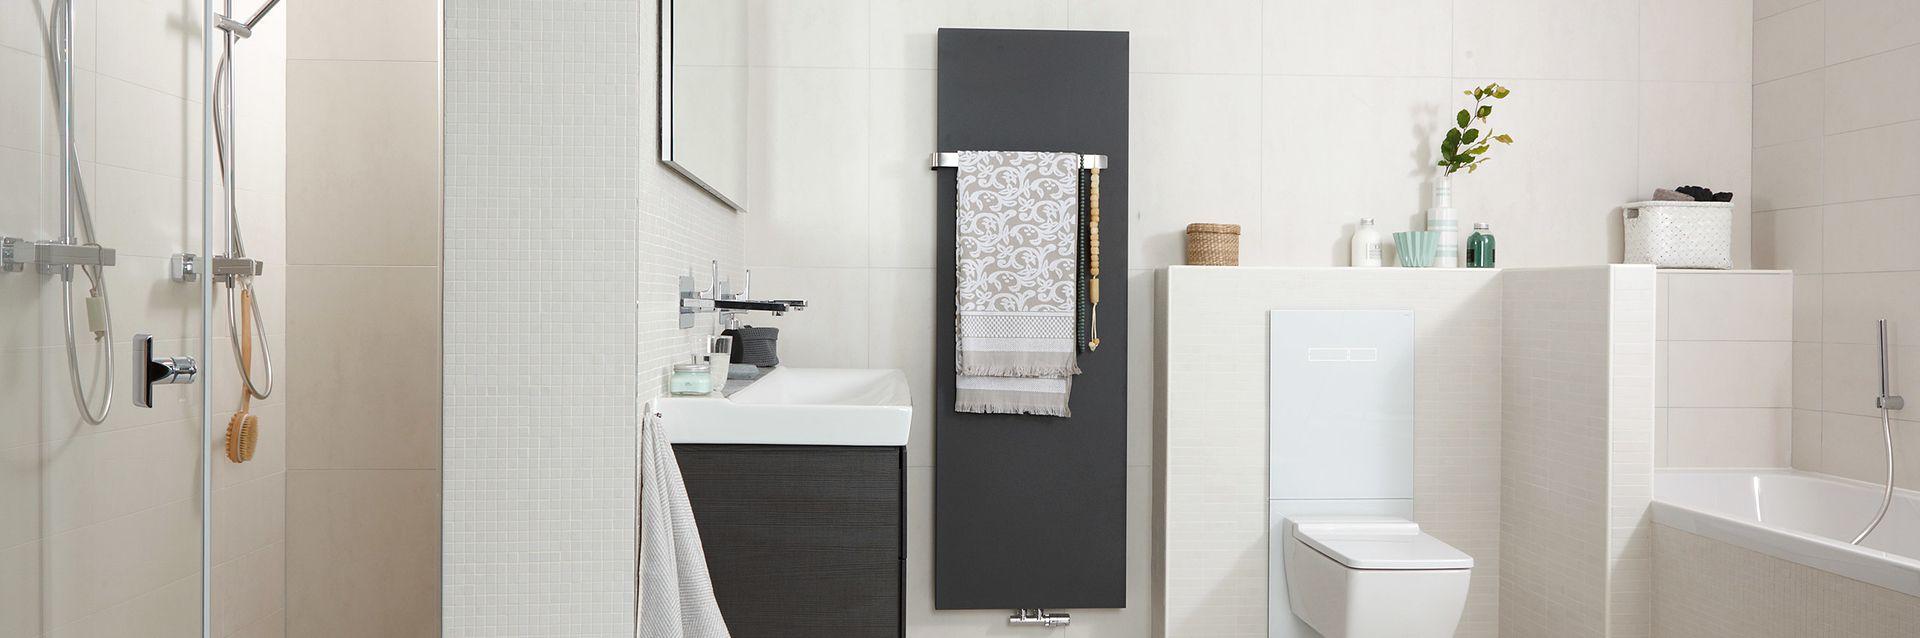 Zo ziet de ideale witte badkamer eruit! - Baden+